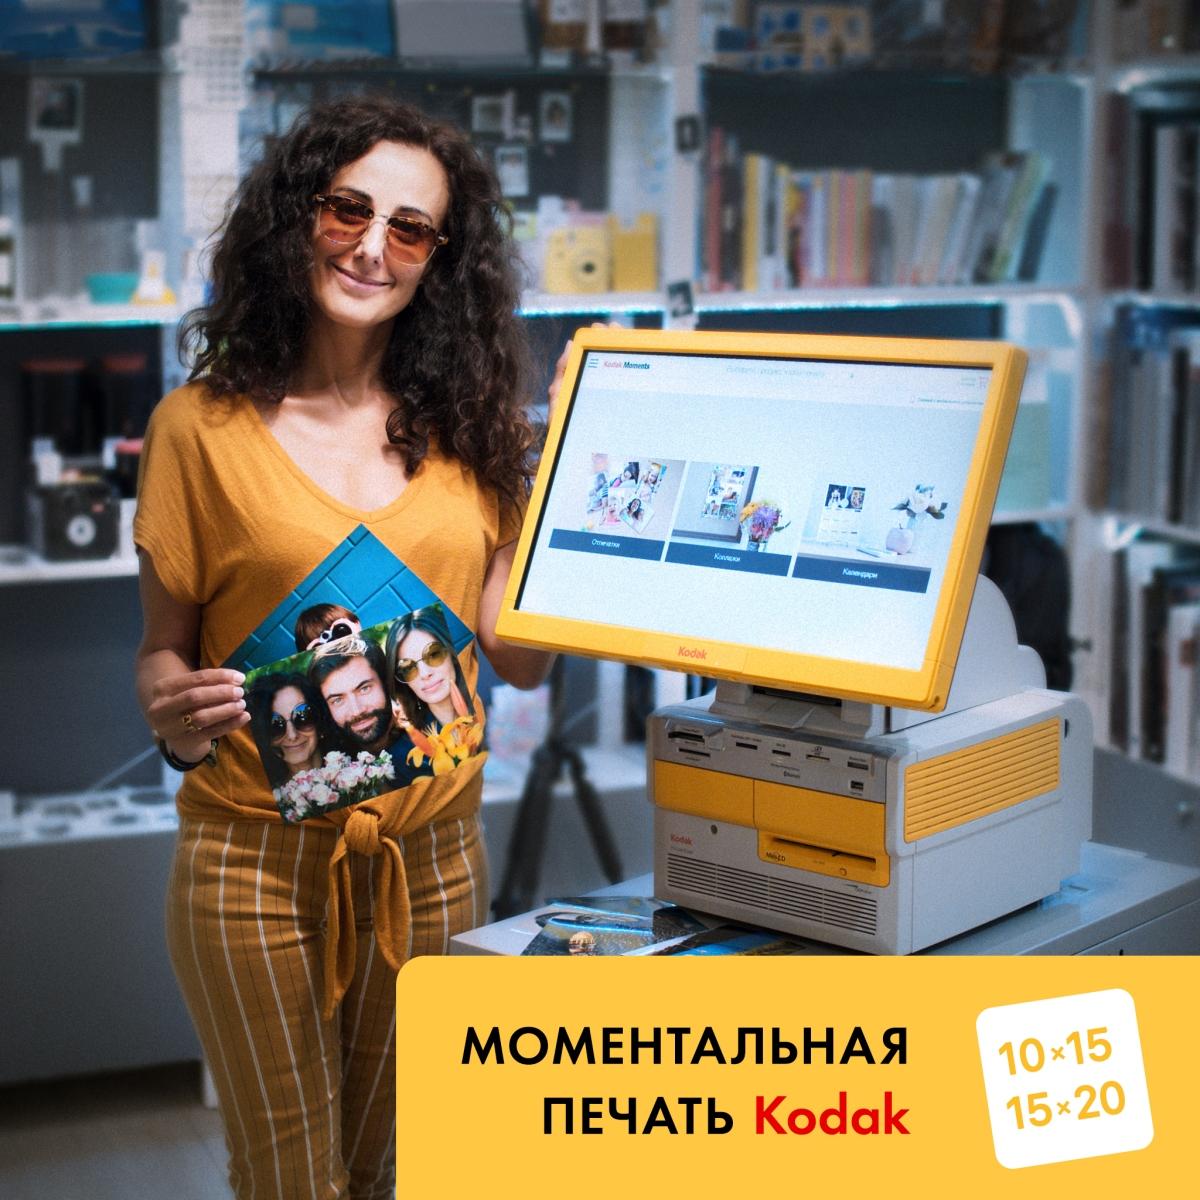 Моментальная печать Kodak